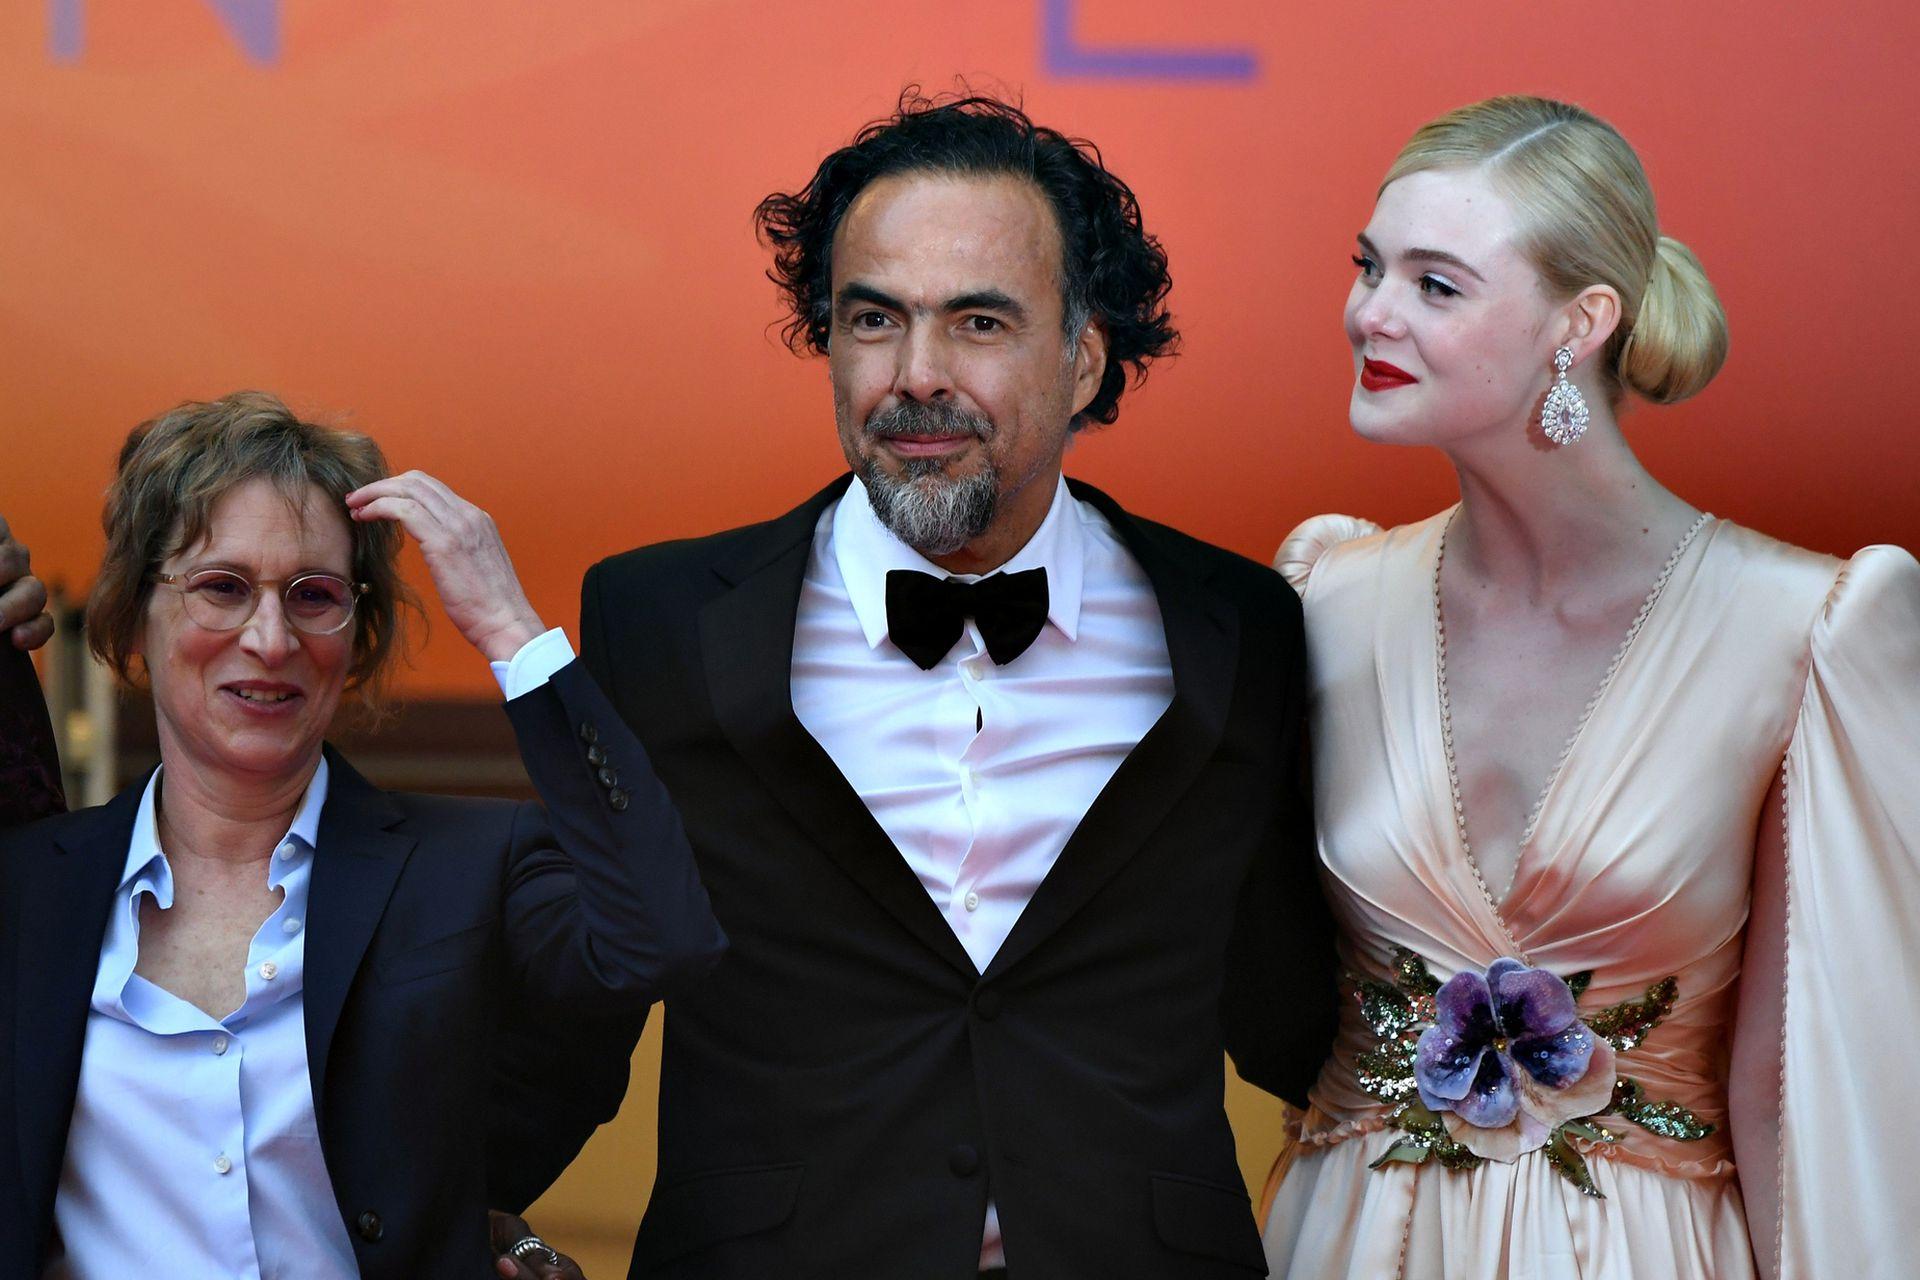 Los jurados de Cannes: Kelly Reichardt, Alejandro González Iñarritu y Elle Fanning